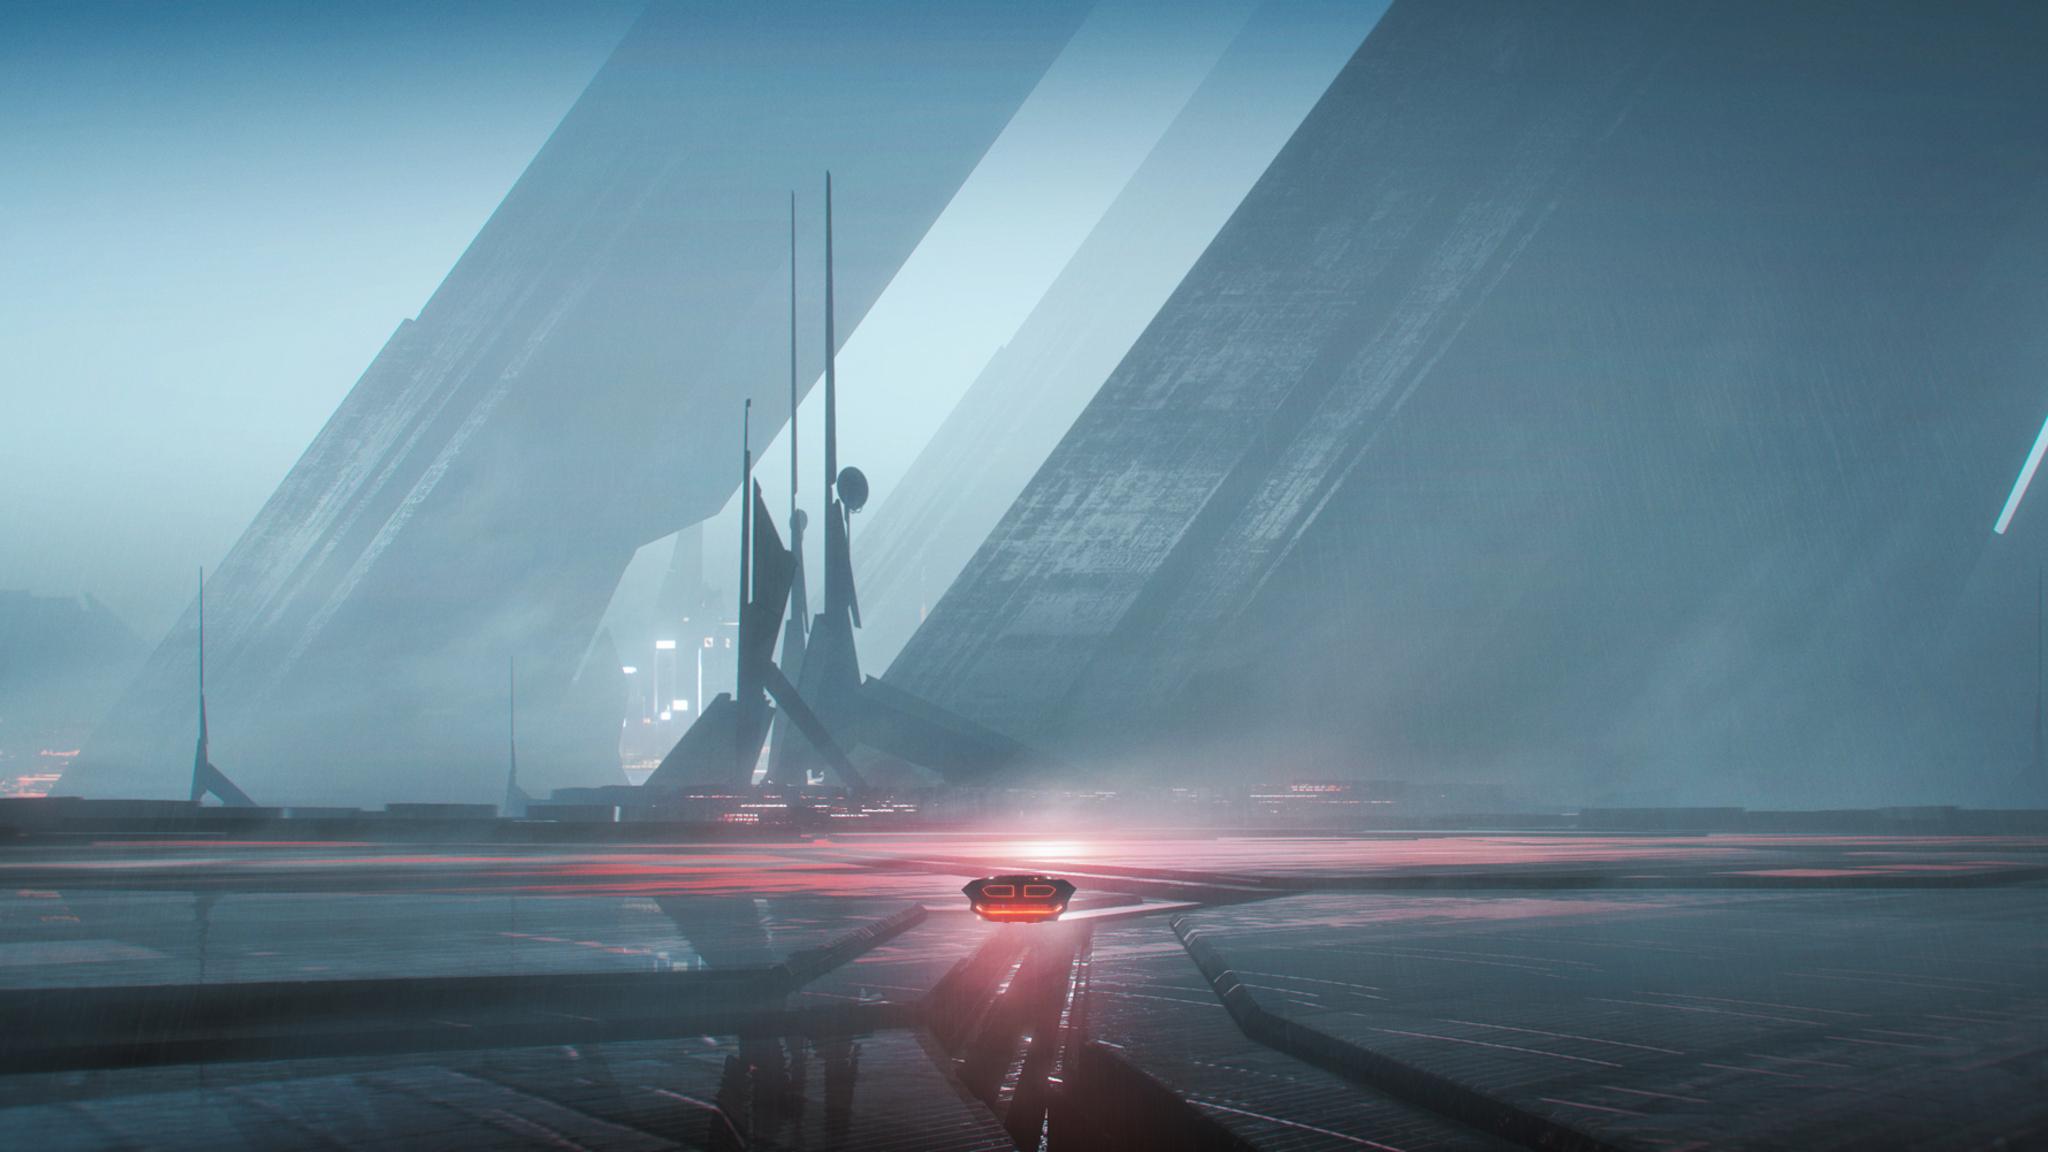 2048x1152 Blade Runner 2049 Artwork HD 2048x1152 ...